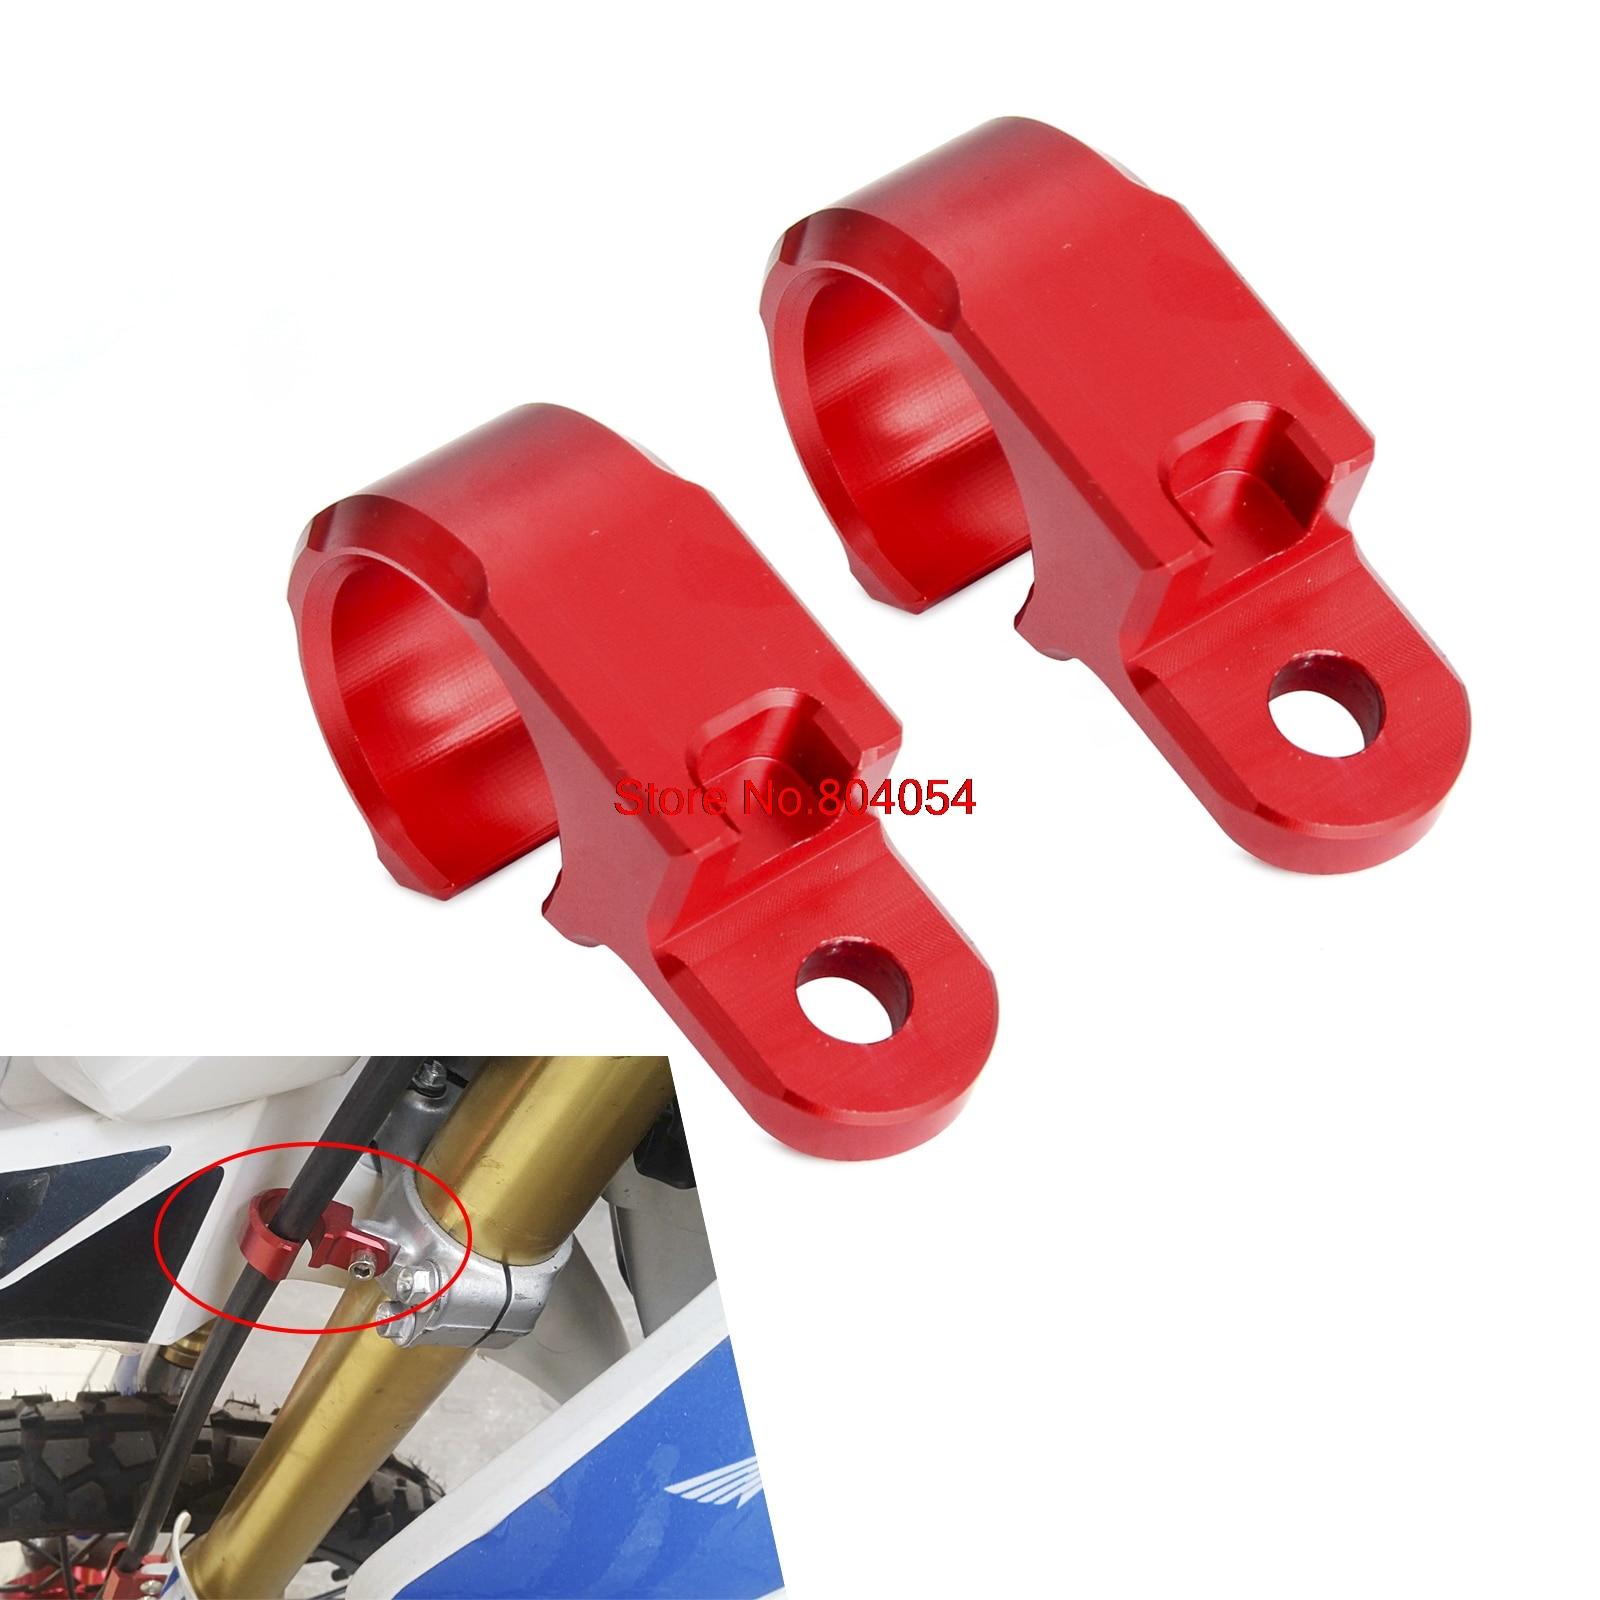 CNC Front Brake Line Hose Clamp Holder For Honda CRF250L CRF250M 2012 - 2015 2013 2014 CRF250 L/M